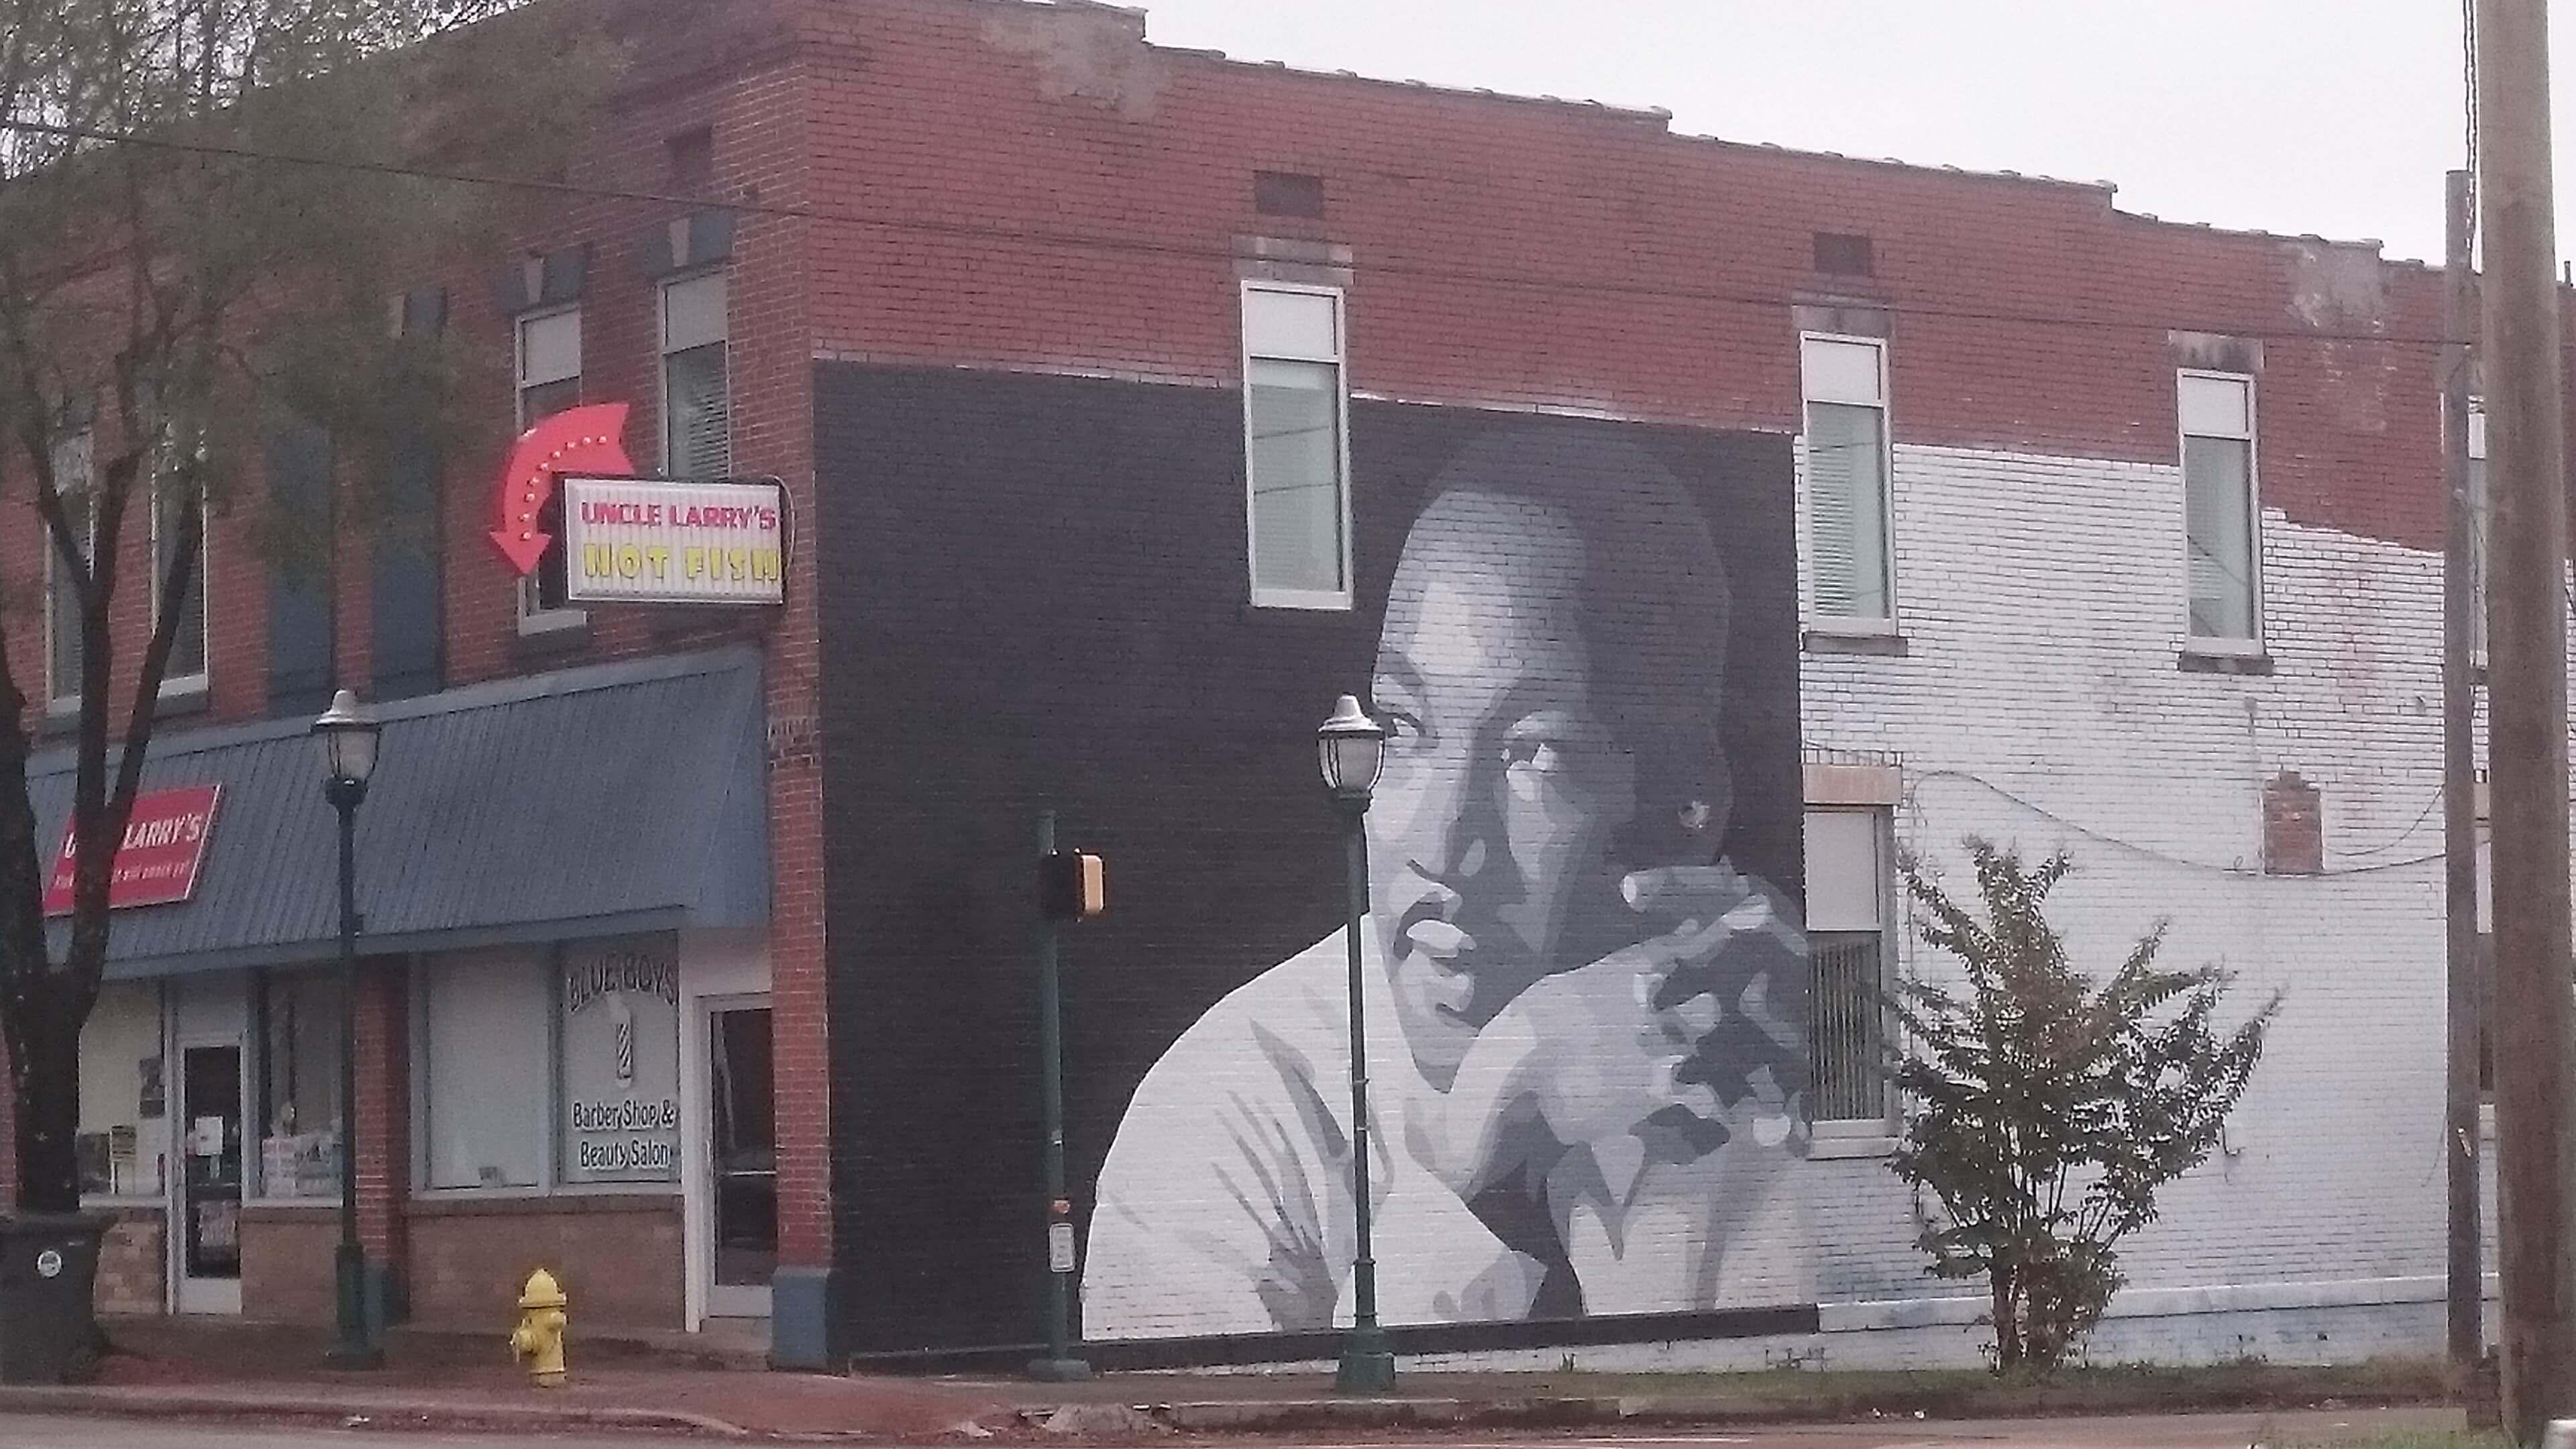 Murals in Chattanooga